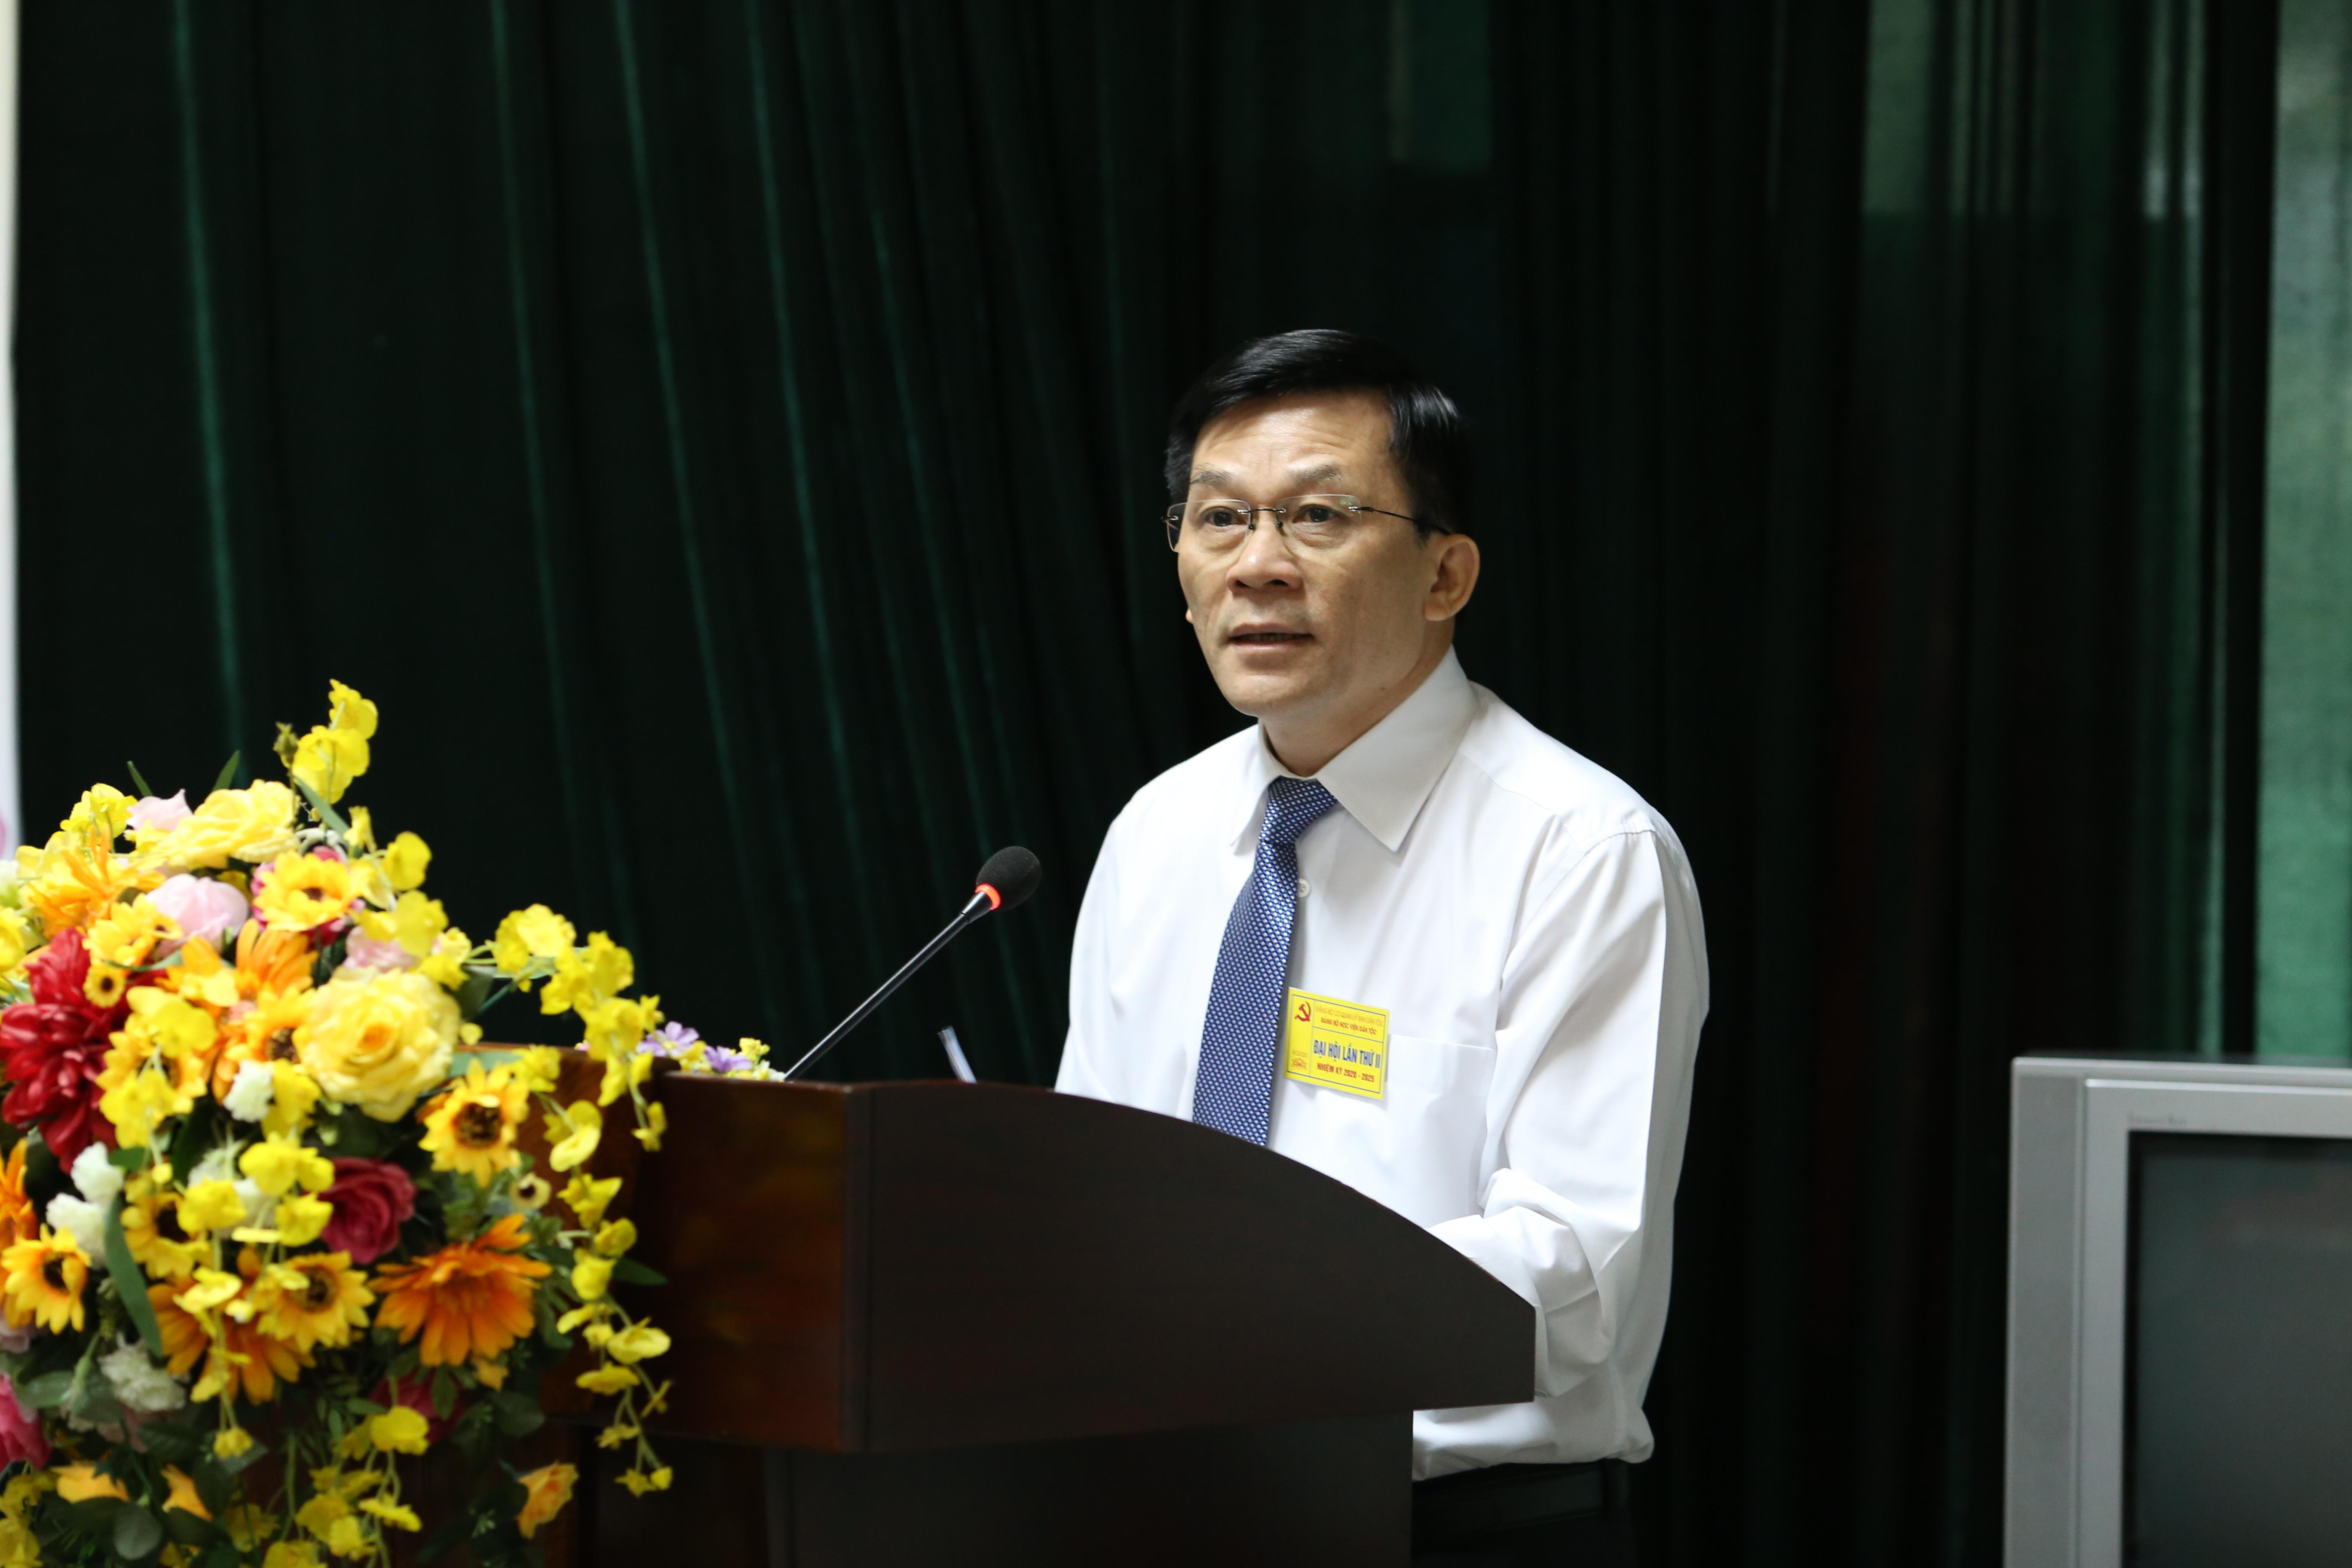 Đồng chí Nông Quốc Tuấn, Bí thư Đảng ủy, Thứ trưởng, Phó Chủ nhiệm UBDT phát biểu chỉ đạo tại Đại hội